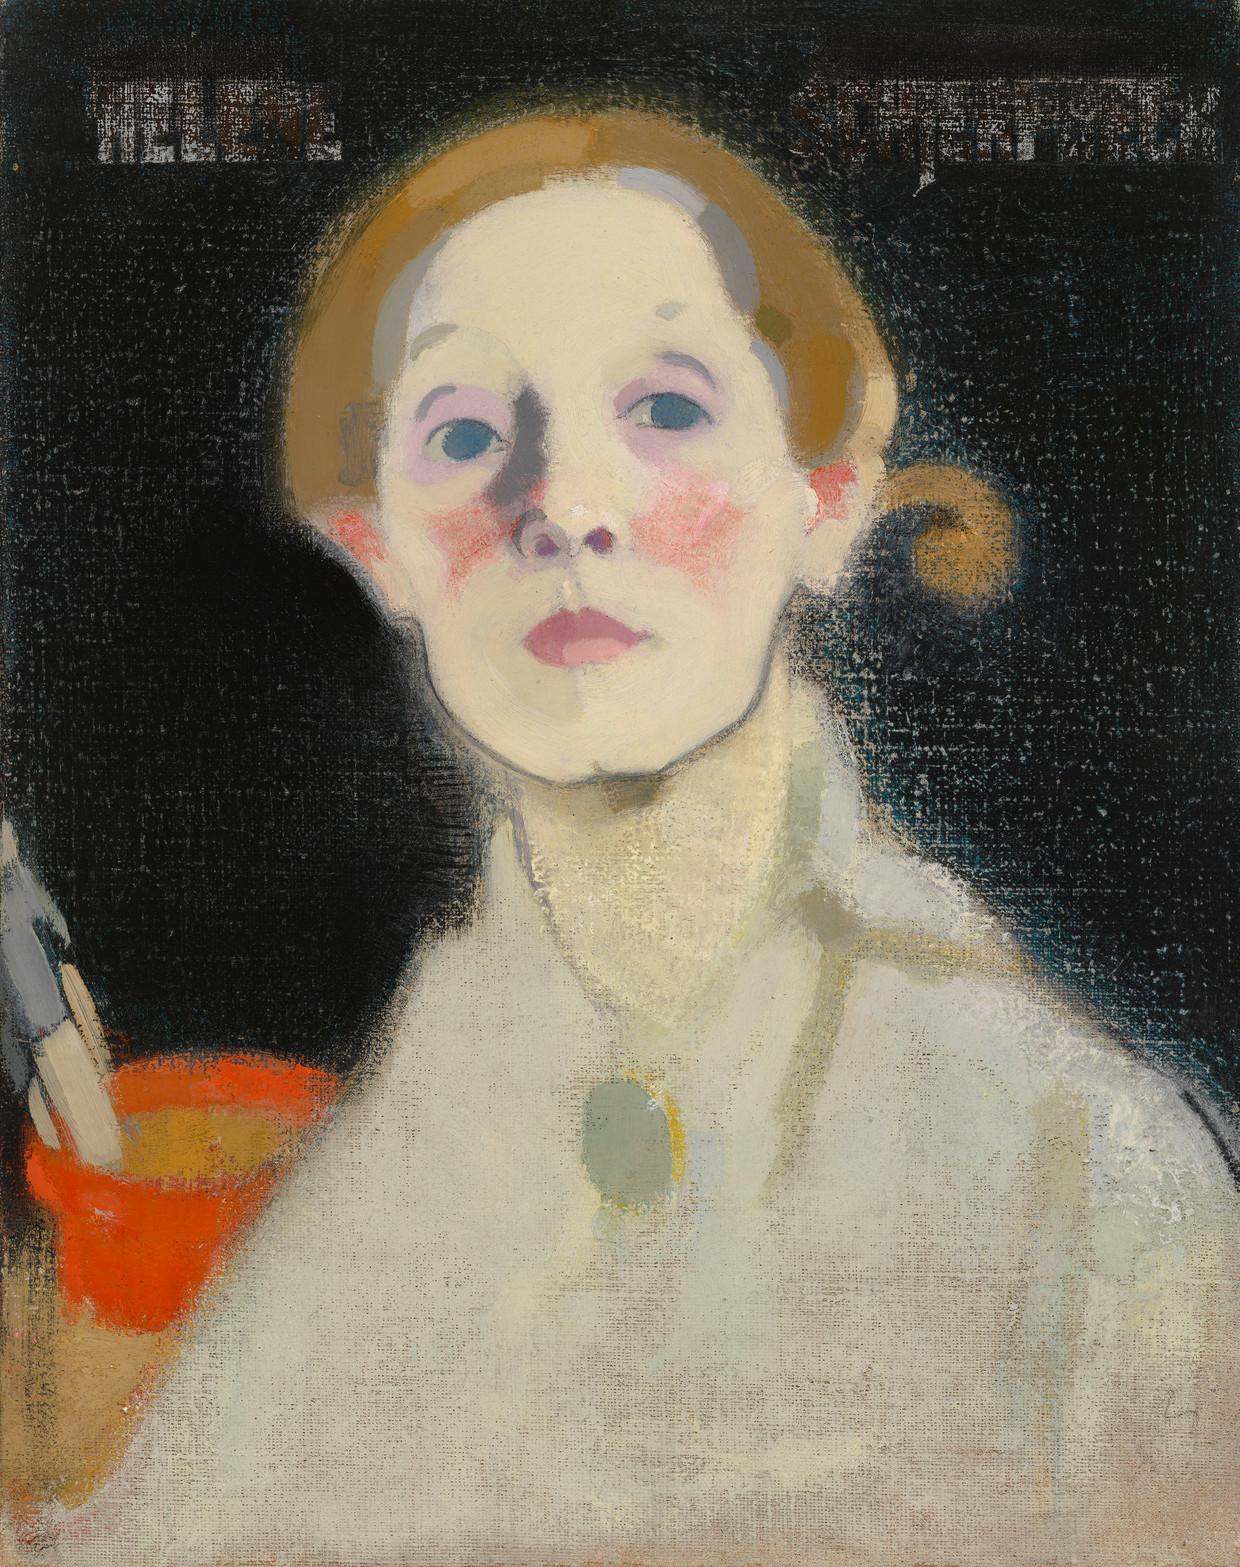 Helene Schjerfbecks 'Zelfportret met zwarte achtergrond', 1915. Beeld Finnish National Gallery  Ateneum Art Museum, Helsinki. The Hallonblad Collection.